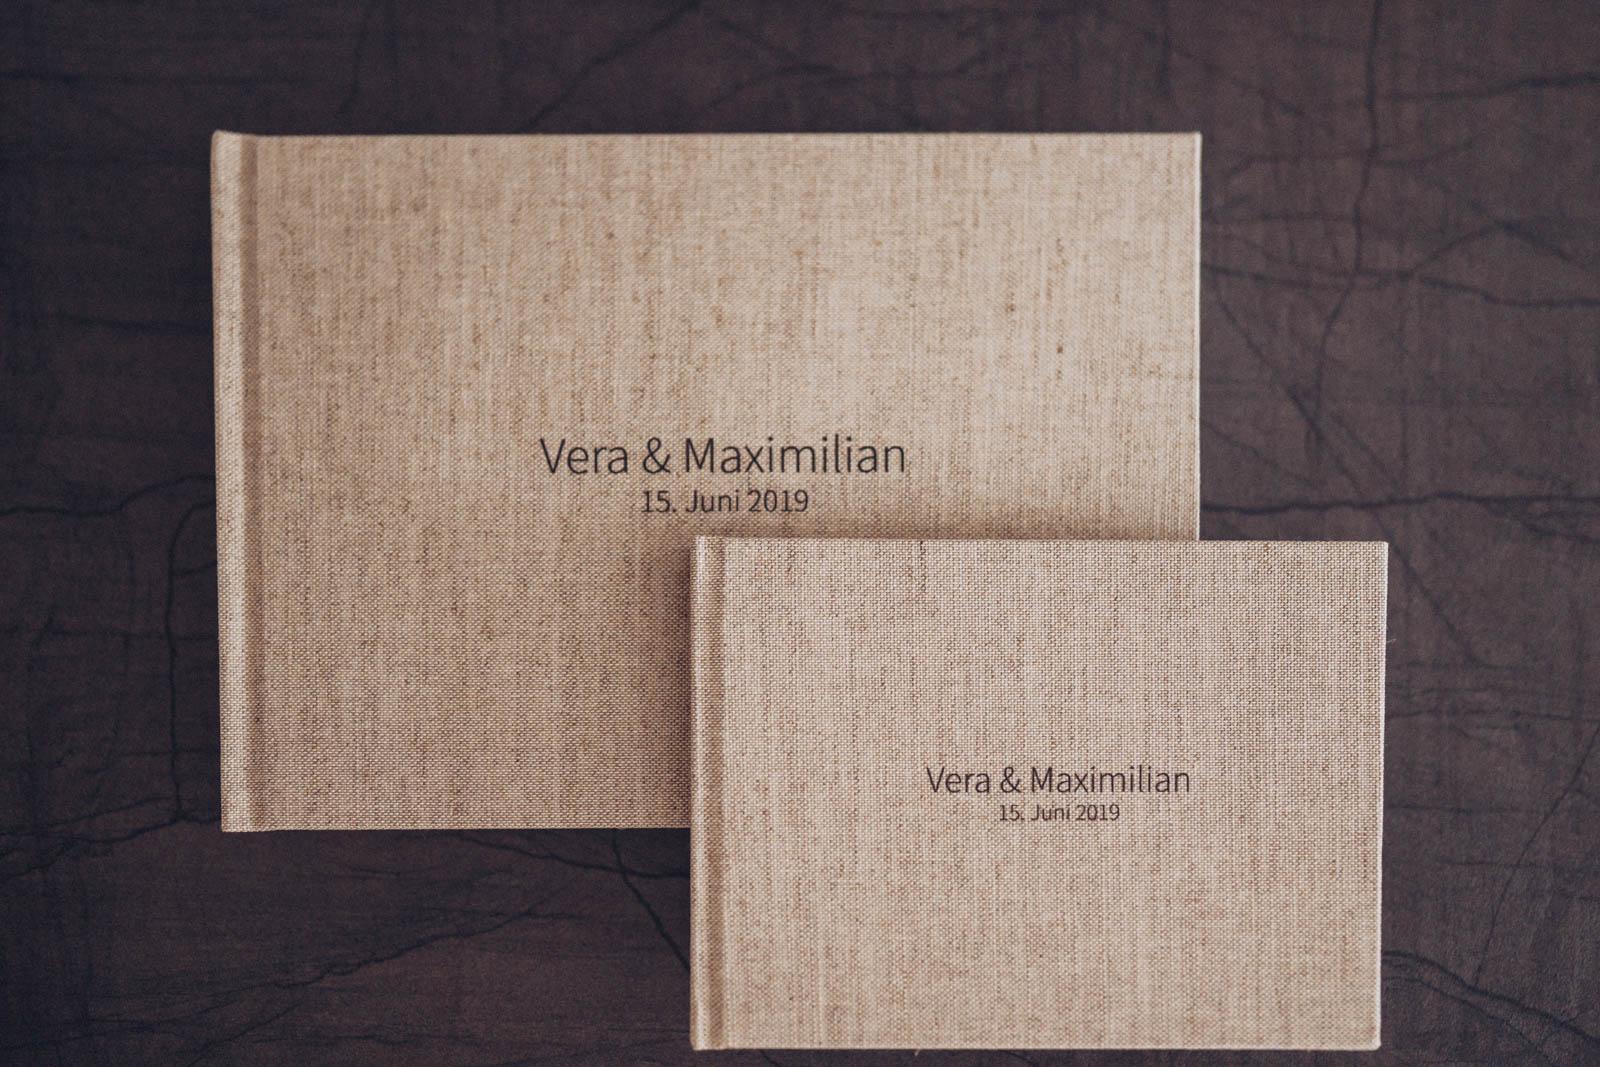 Hochzeits Fotobuch gestalten lassen - MOKATI Fotos und Film hilft bei Deinem Hochzeitsfotobuch bzw. hochwertige Fotobücher